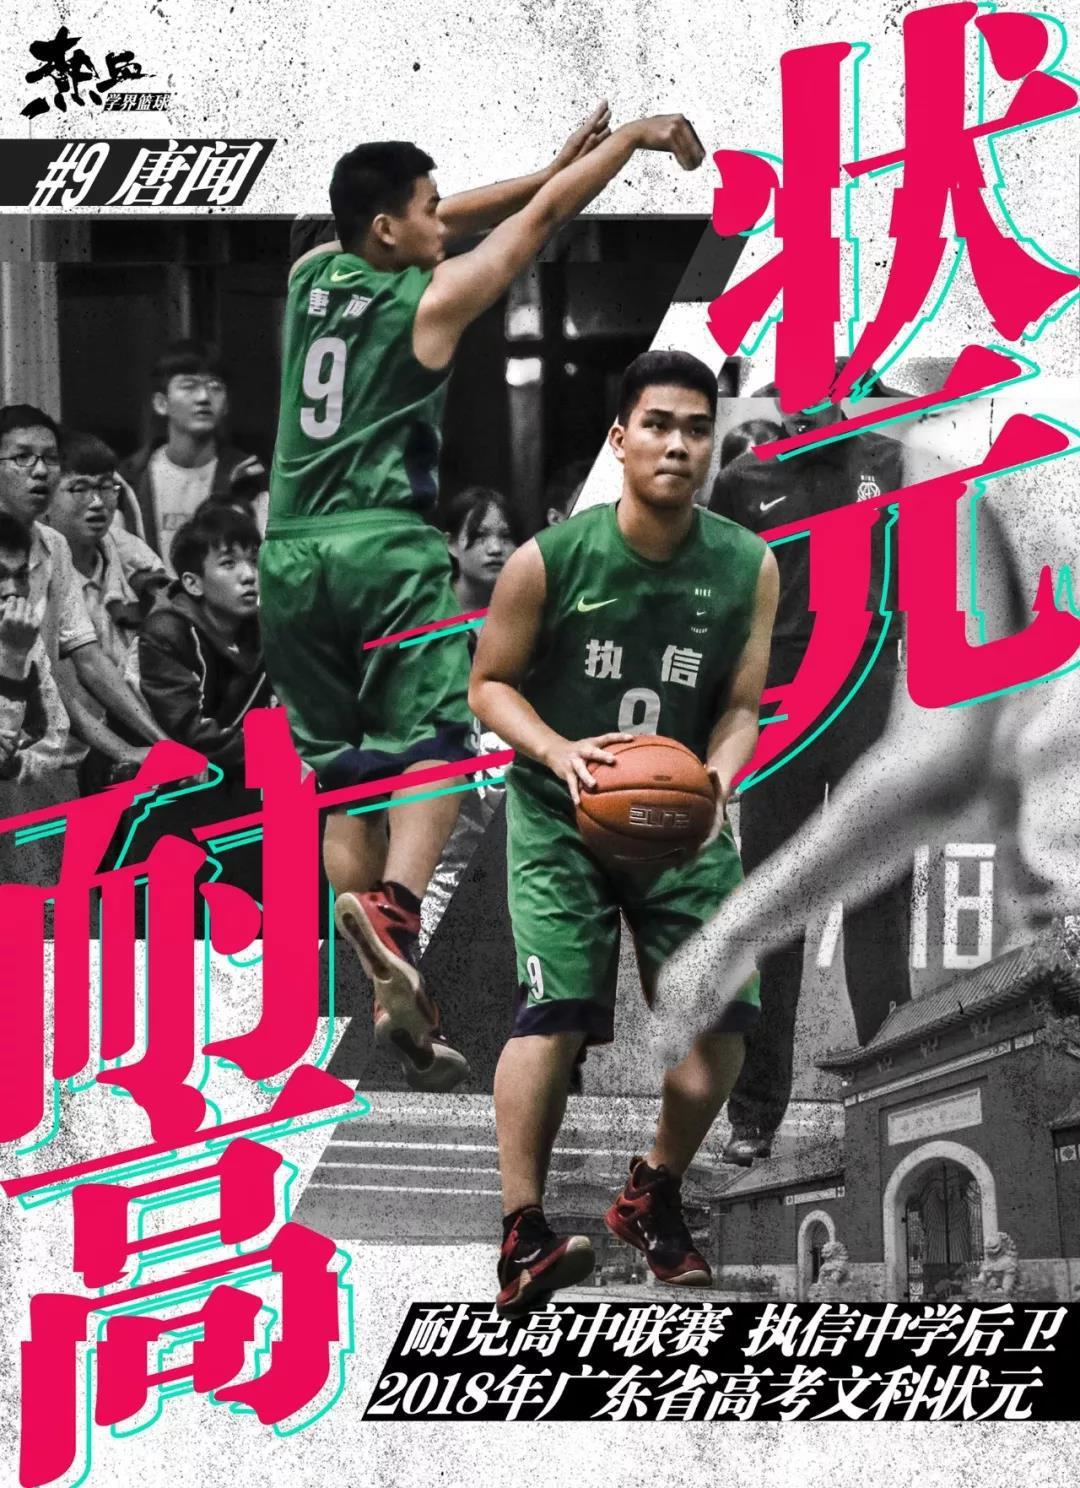 这个篮球特长生不得了!高考暴砍600+,斩获广东省文科状元!